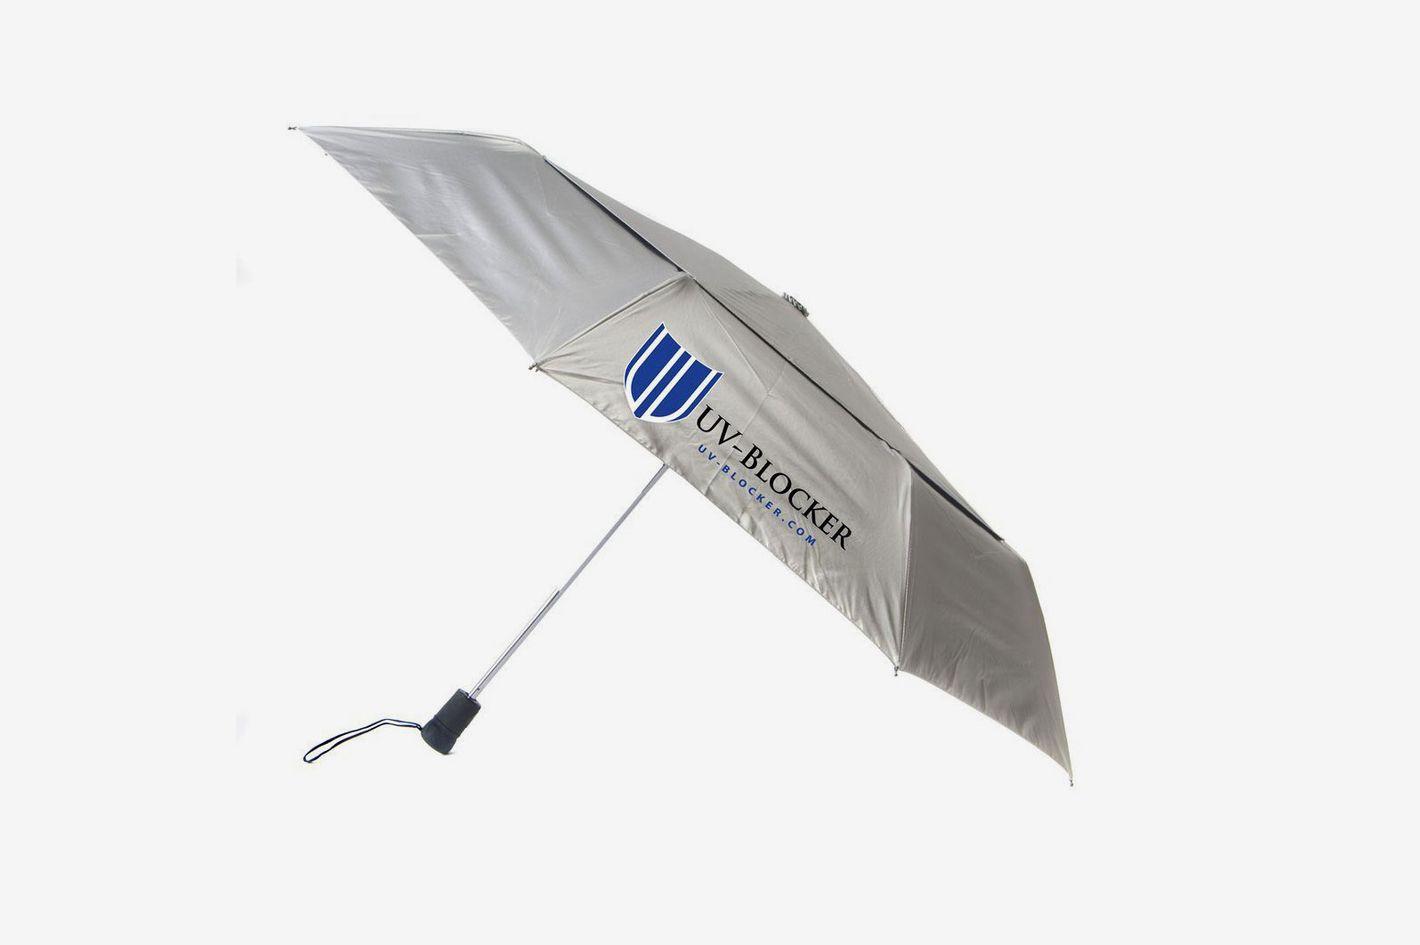 UV-Blocker Sun Blocking Umbrella